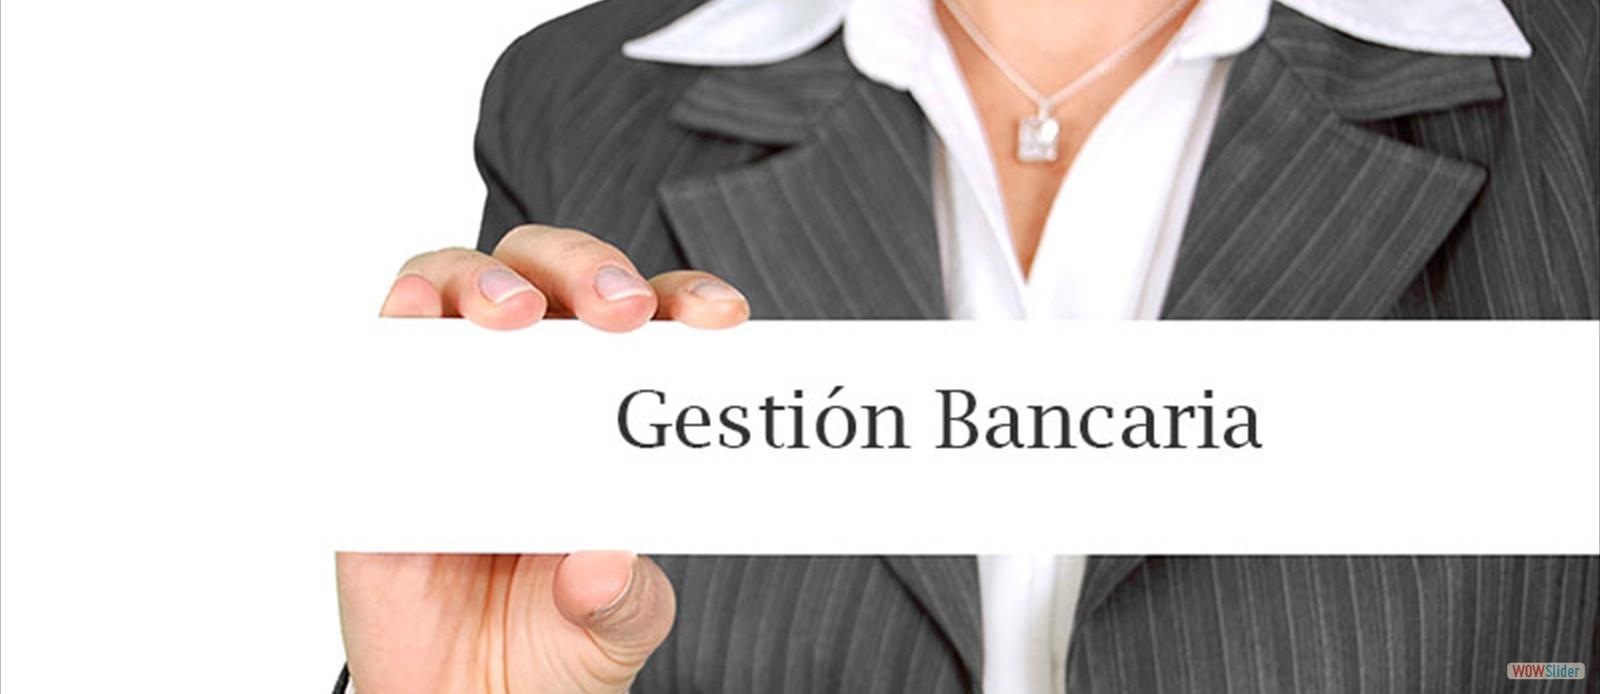 Prestamos ICO,  Leasing, Factoring, Confirming, Descuento, Renting,